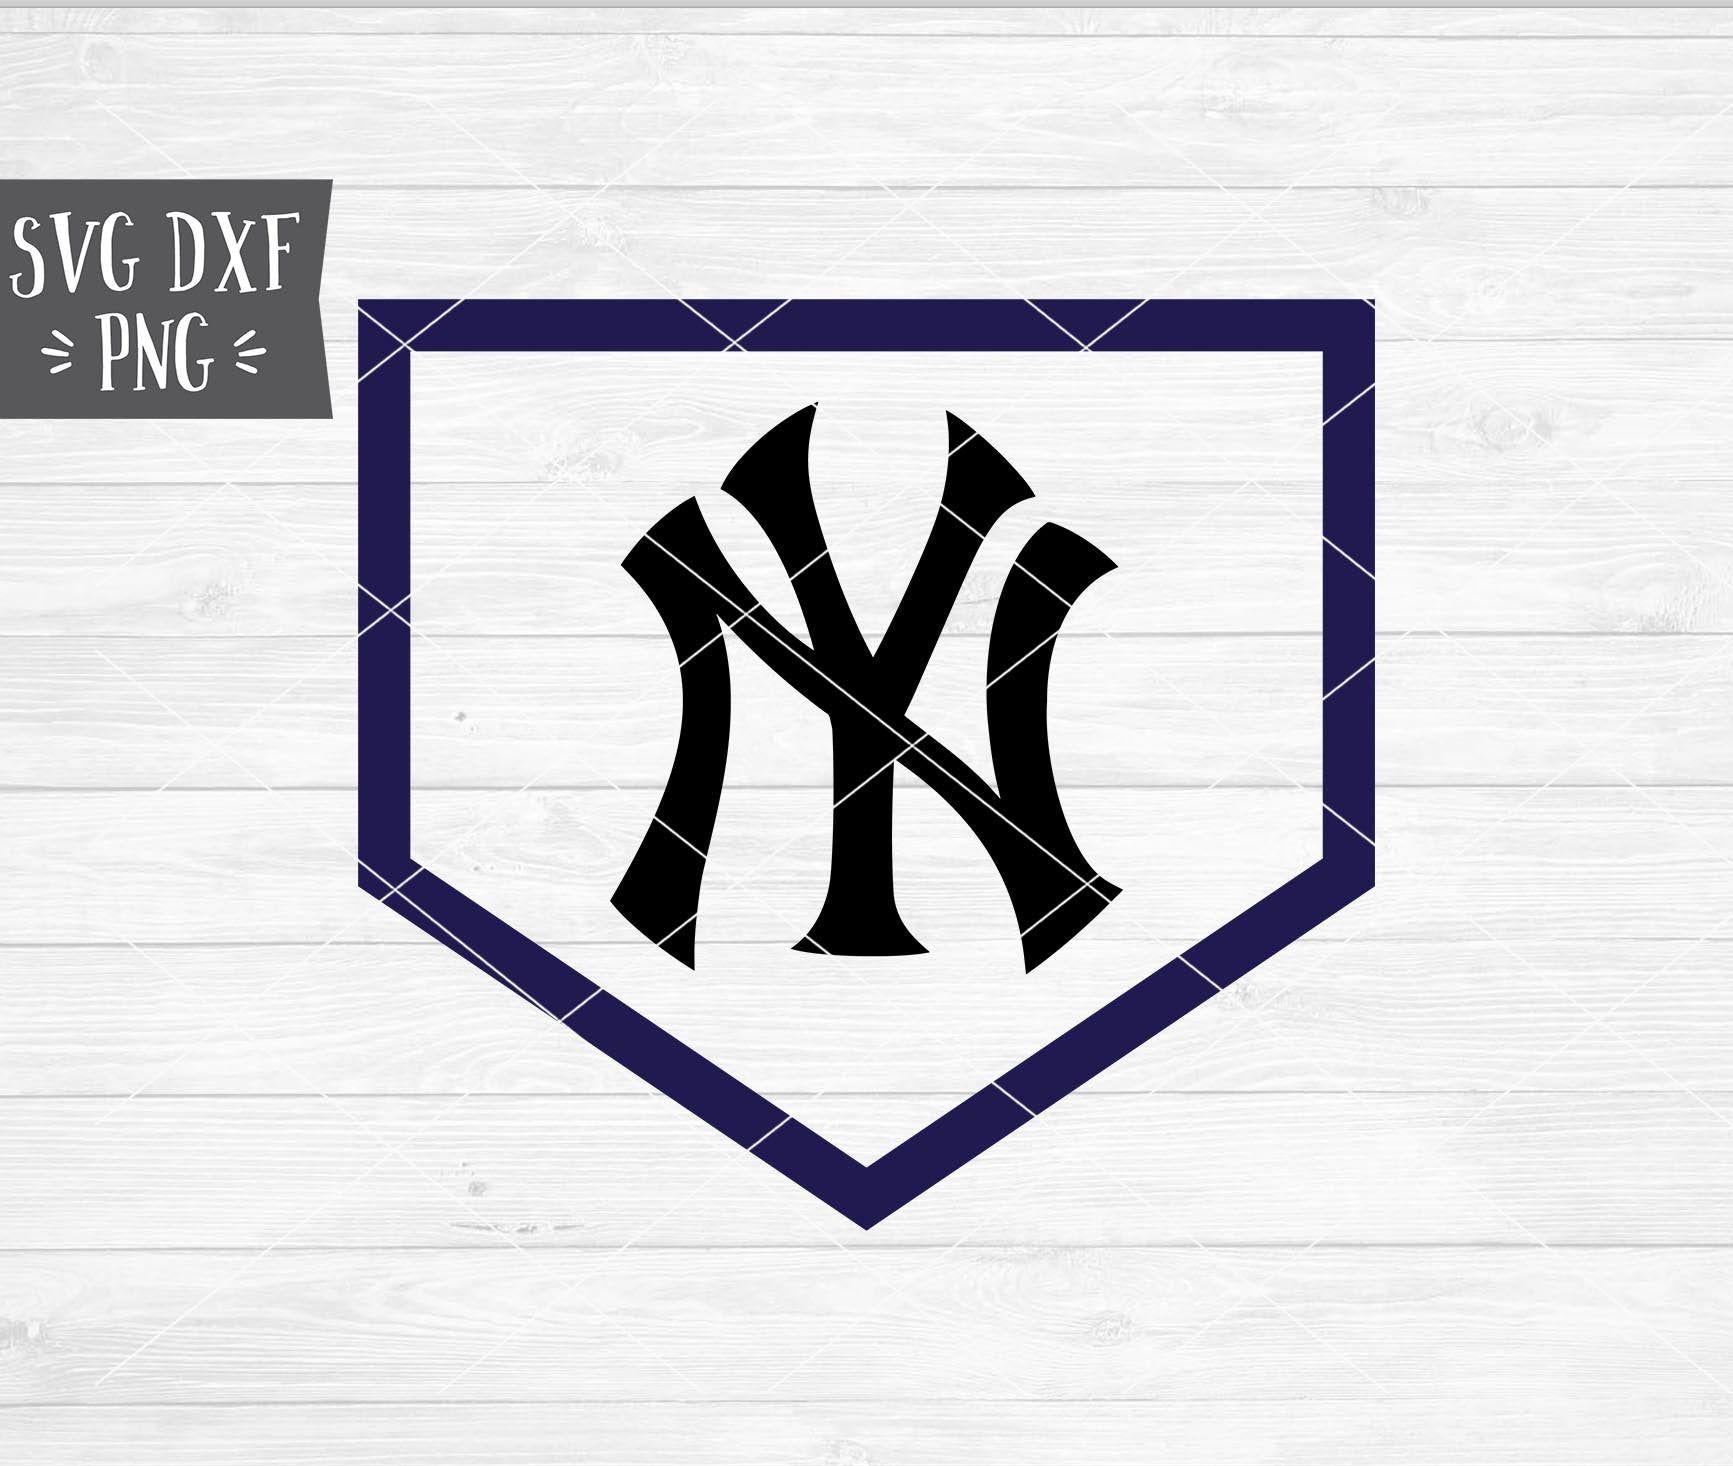 Instant Svg Dxf Png Yankees Home Plate Svg Baseball Svg Aaron Boone Svg Eps Yankees Svg 2019 Yankees Savages Baseball Svg Etsy Gift Card Digital Design